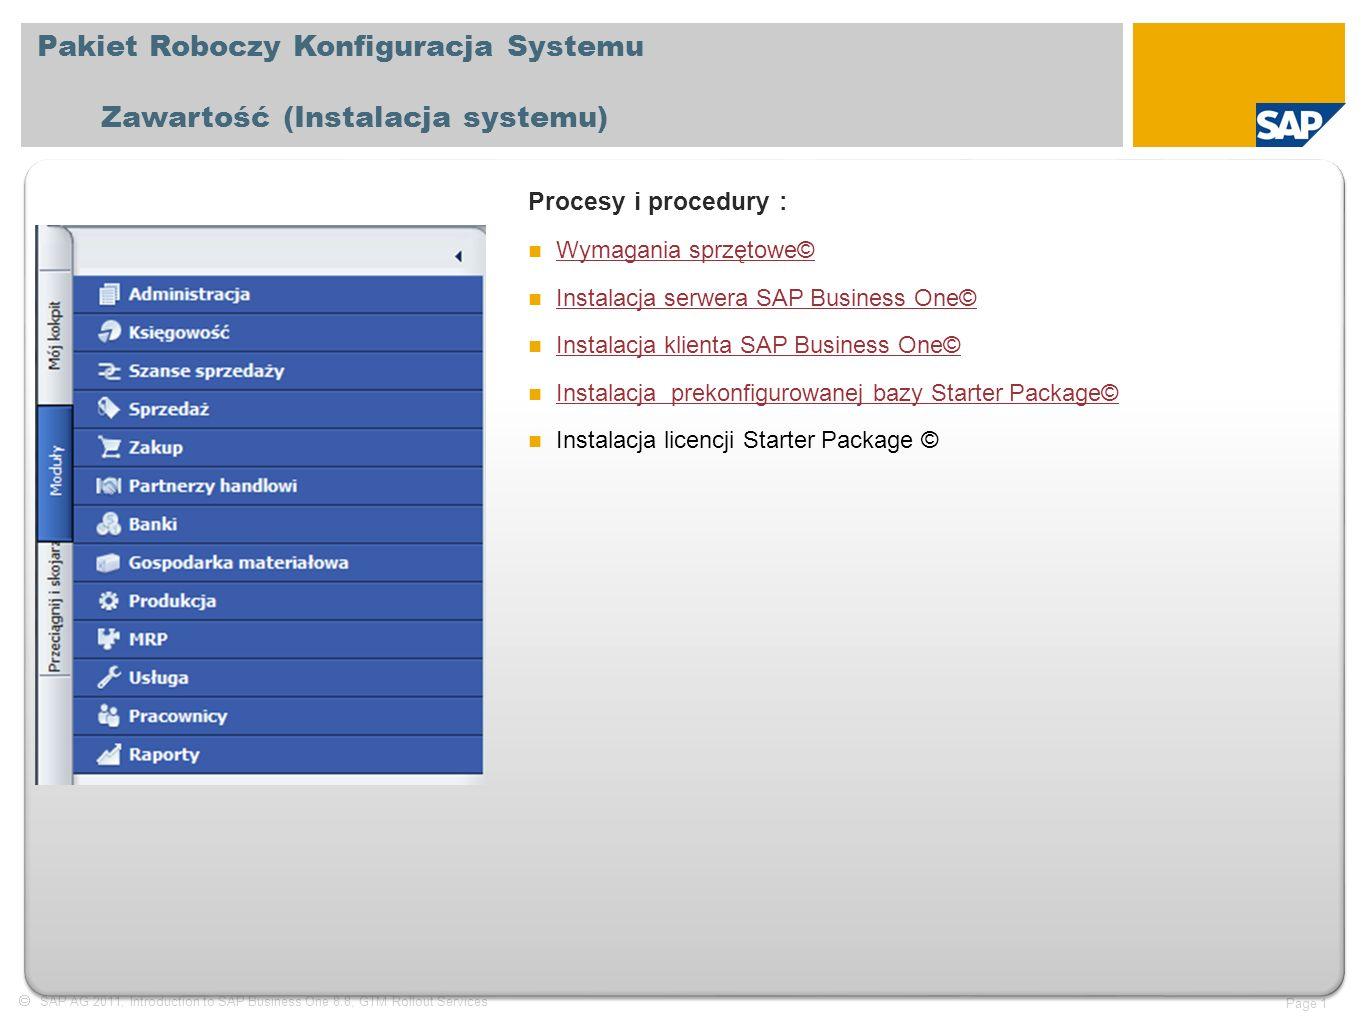  SAP AG 2011, Introduction to SAP Business One 8.8, GTM Rollout Services Page 1 Pakiet Roboczy Konfiguracja Systemu Zawartość (Instalacja systemu) Procesy i procedury : Wymagania sprzętowe© Wymagania sprzętowe© Instalacja serwera SAP Business One© Instalacja serwera SAP Business One© Instalacja klienta SAP Business One© Instalacja klienta SAP Business One© Instalacja prekonfigurowanej bazy Starter Package© Instalacja prekonfigurowanej bazy Starter Package© Instalacja licencji Starter Package ©